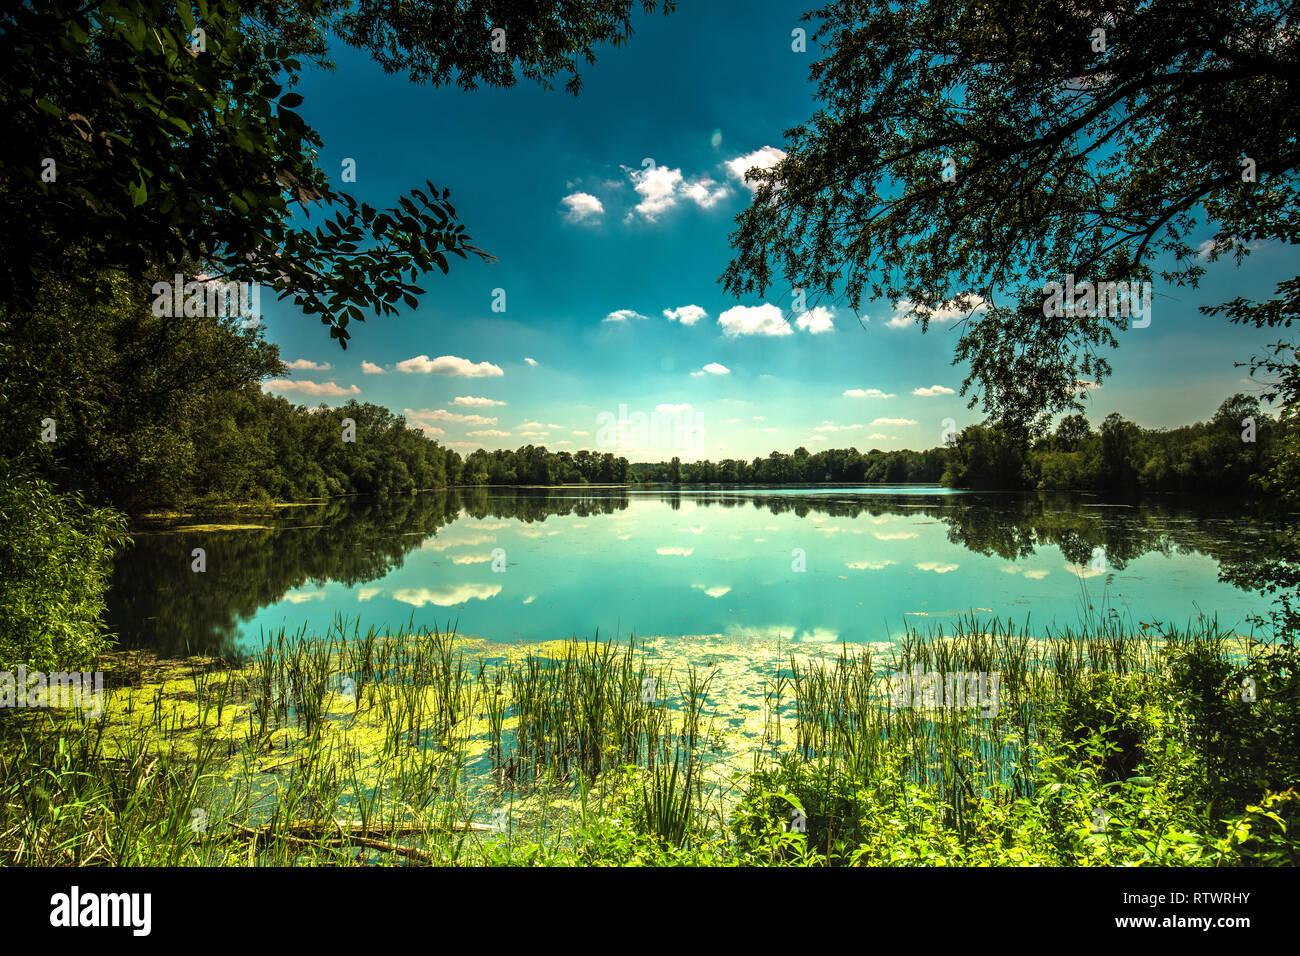 Lake at Paxton pits - Stock Image